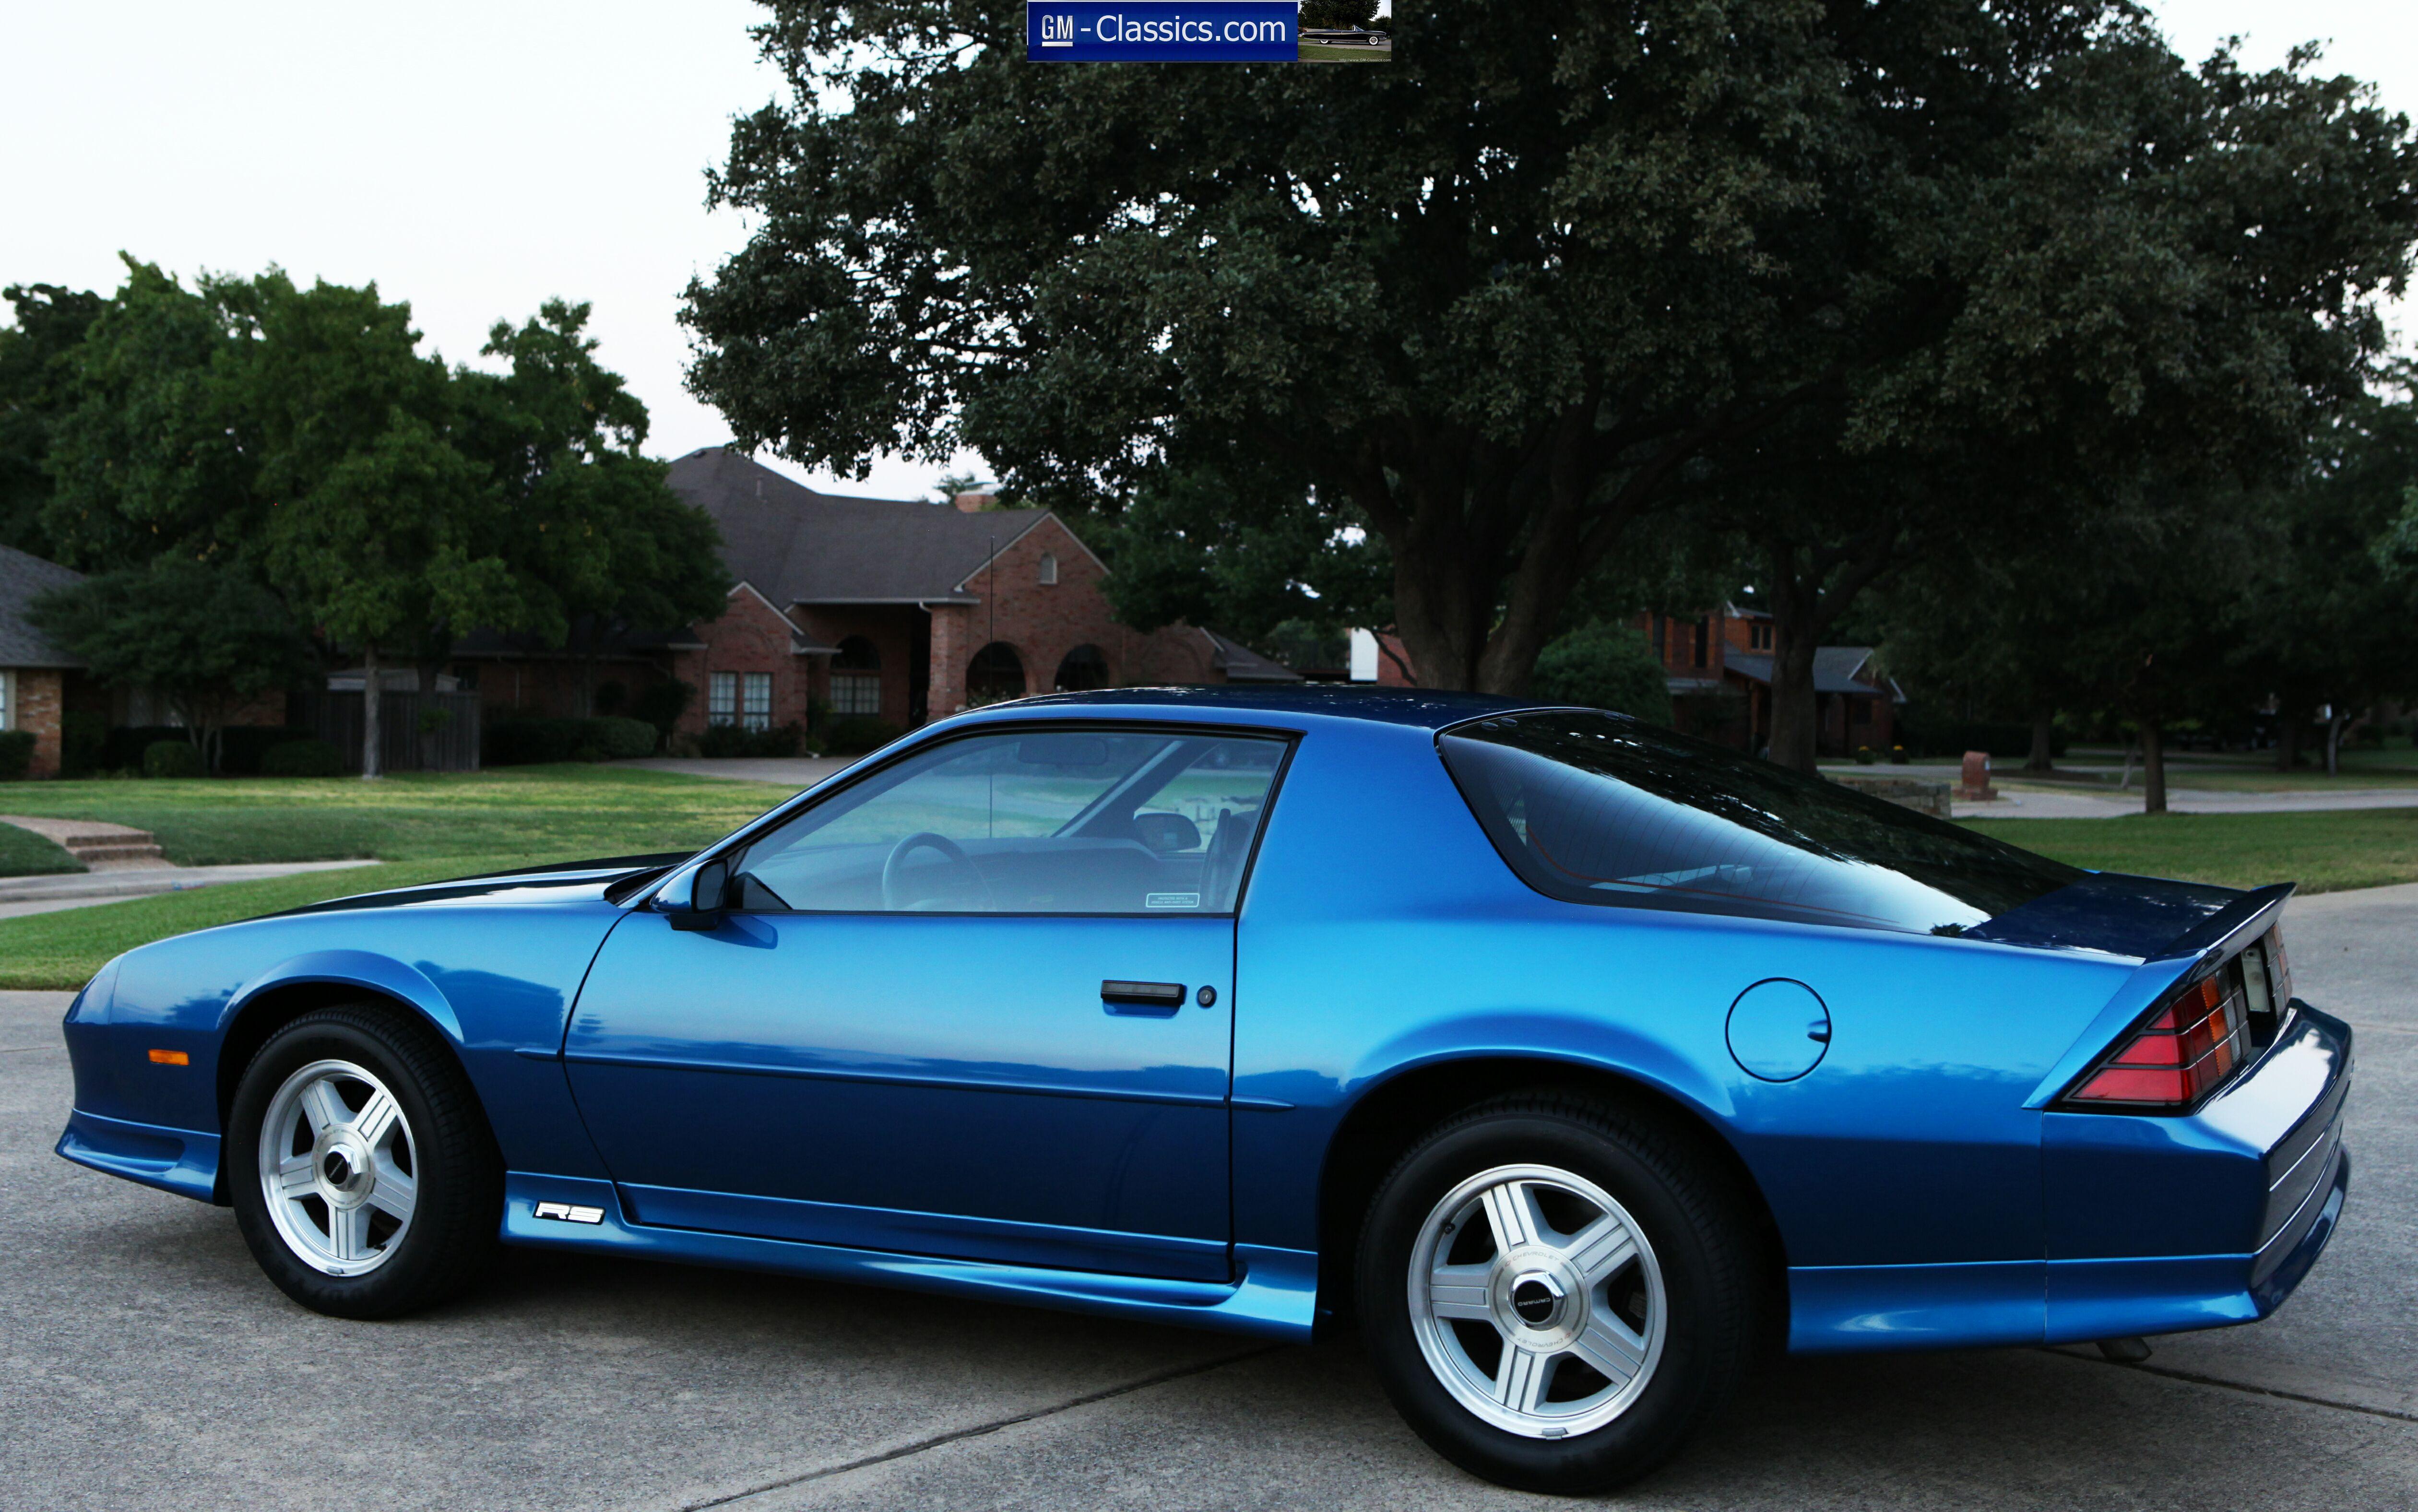 1992 B4c 1le Camaro